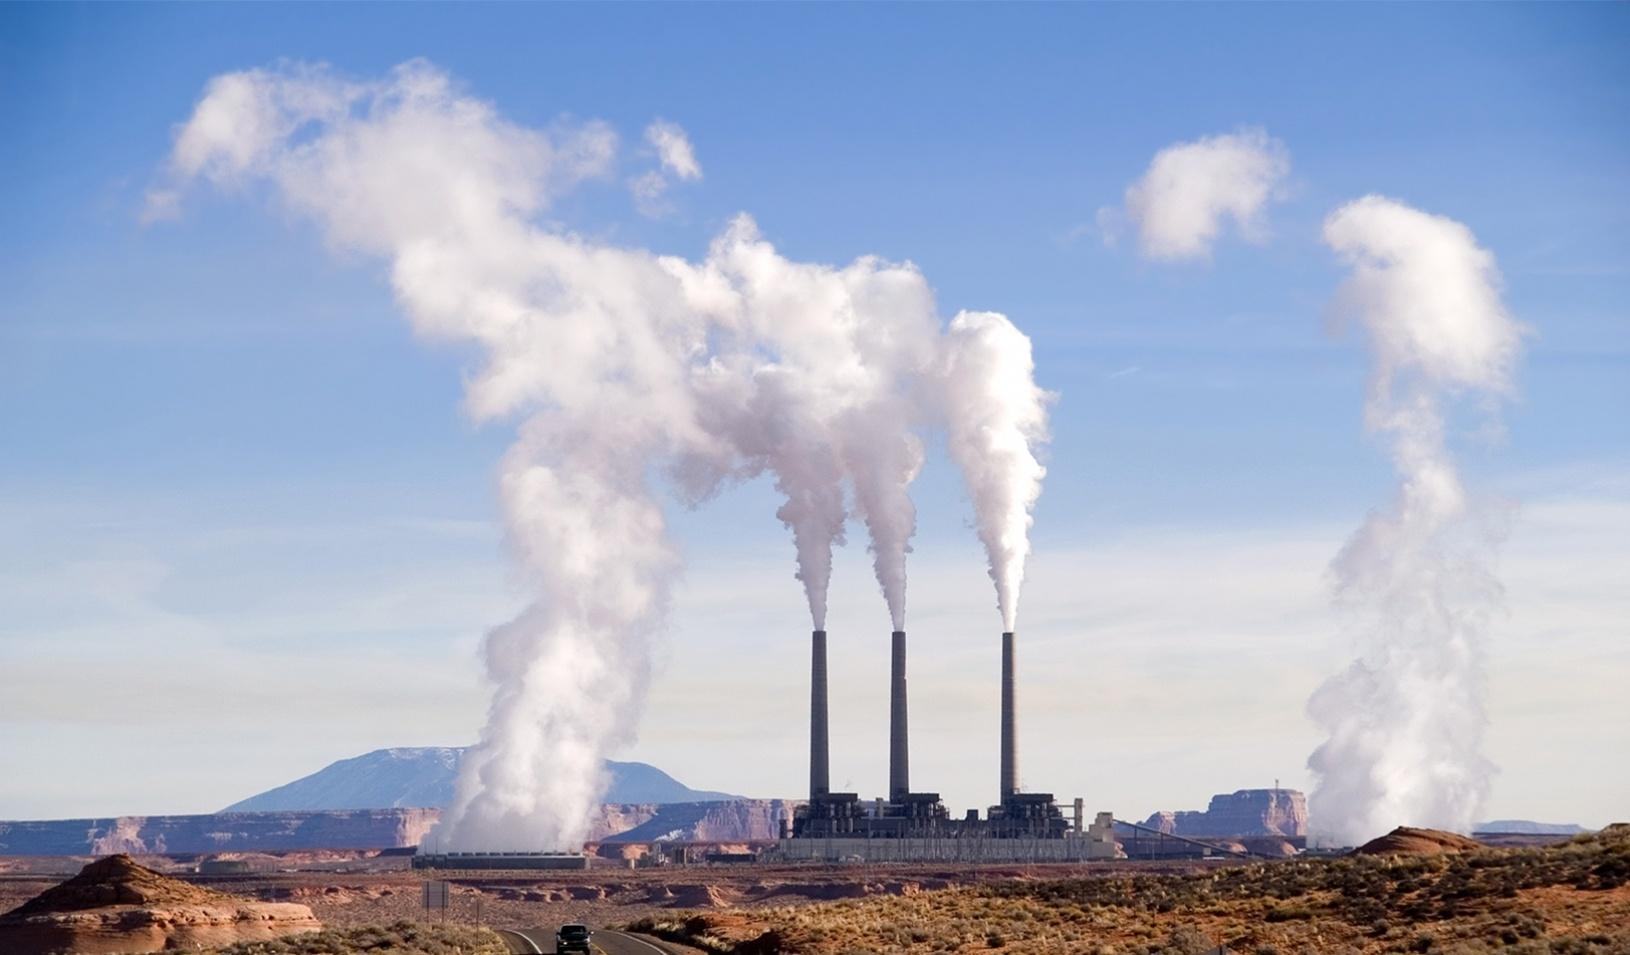 Emisné povolenky dosiahli rekord, dvíhajú cenu elektriny